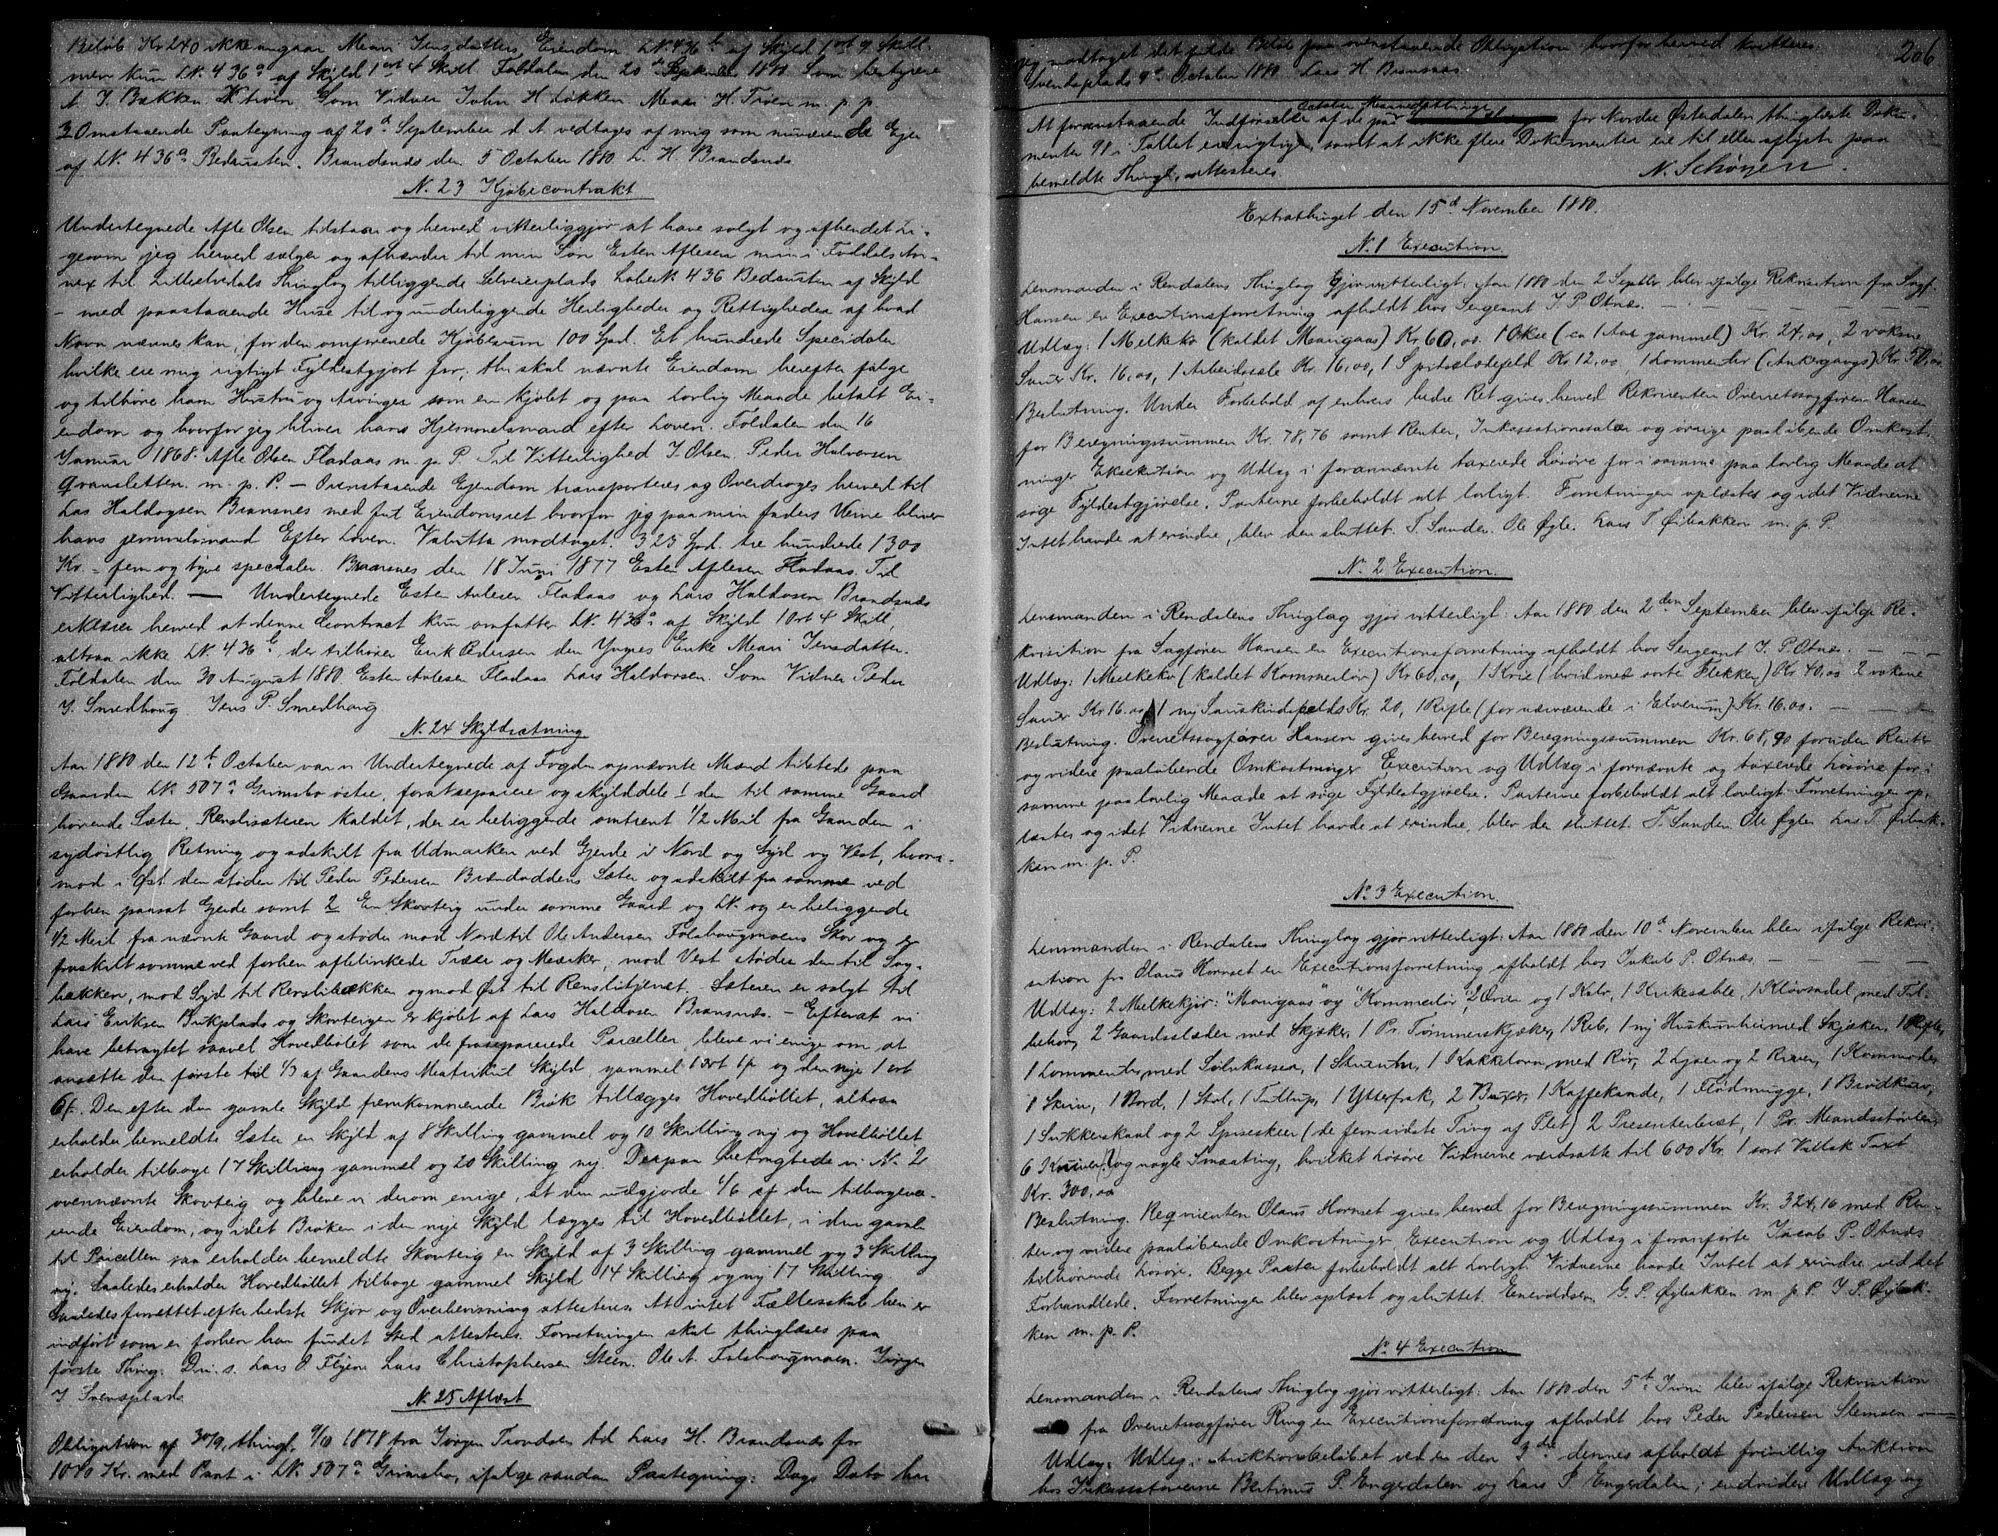 SAH, Nord-Østerdal tingrett, H/Hb/Hba/L0009: Mortgage book no. 9, 1879-1882, p. 206